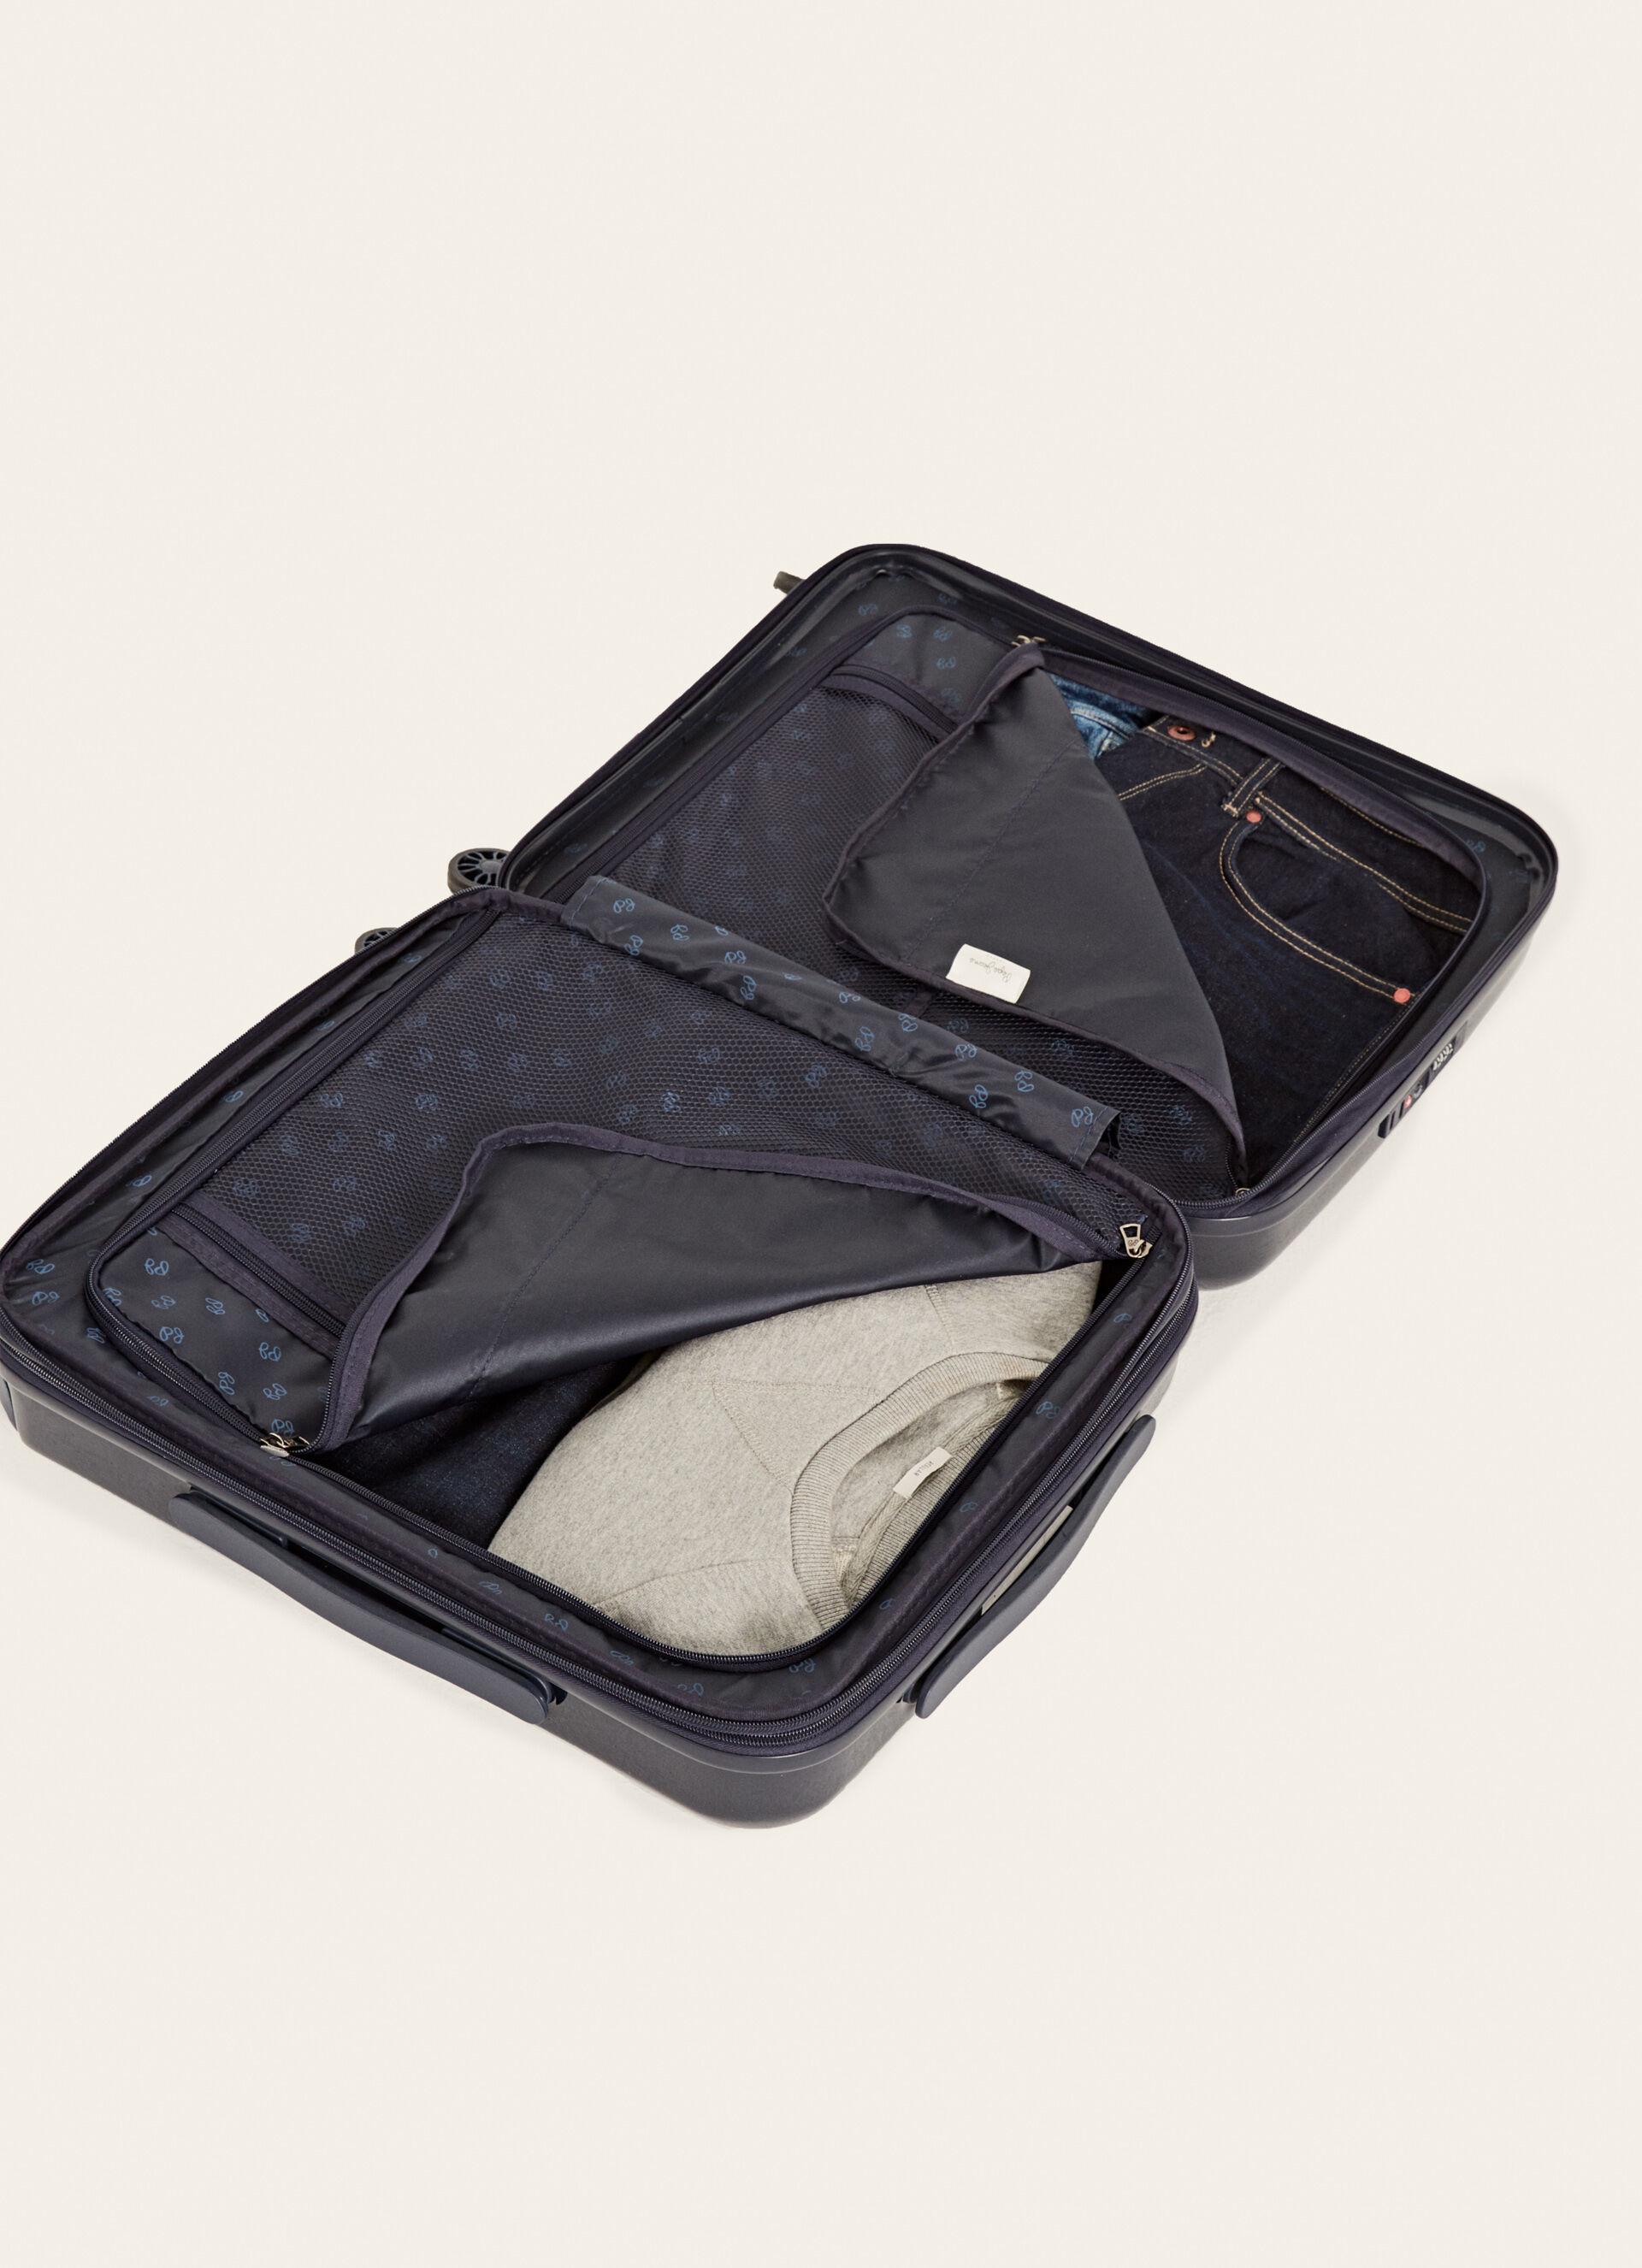 PEPE Jeans per Spike Uomo Slim Fit-diverse dimensioni-NUOVO